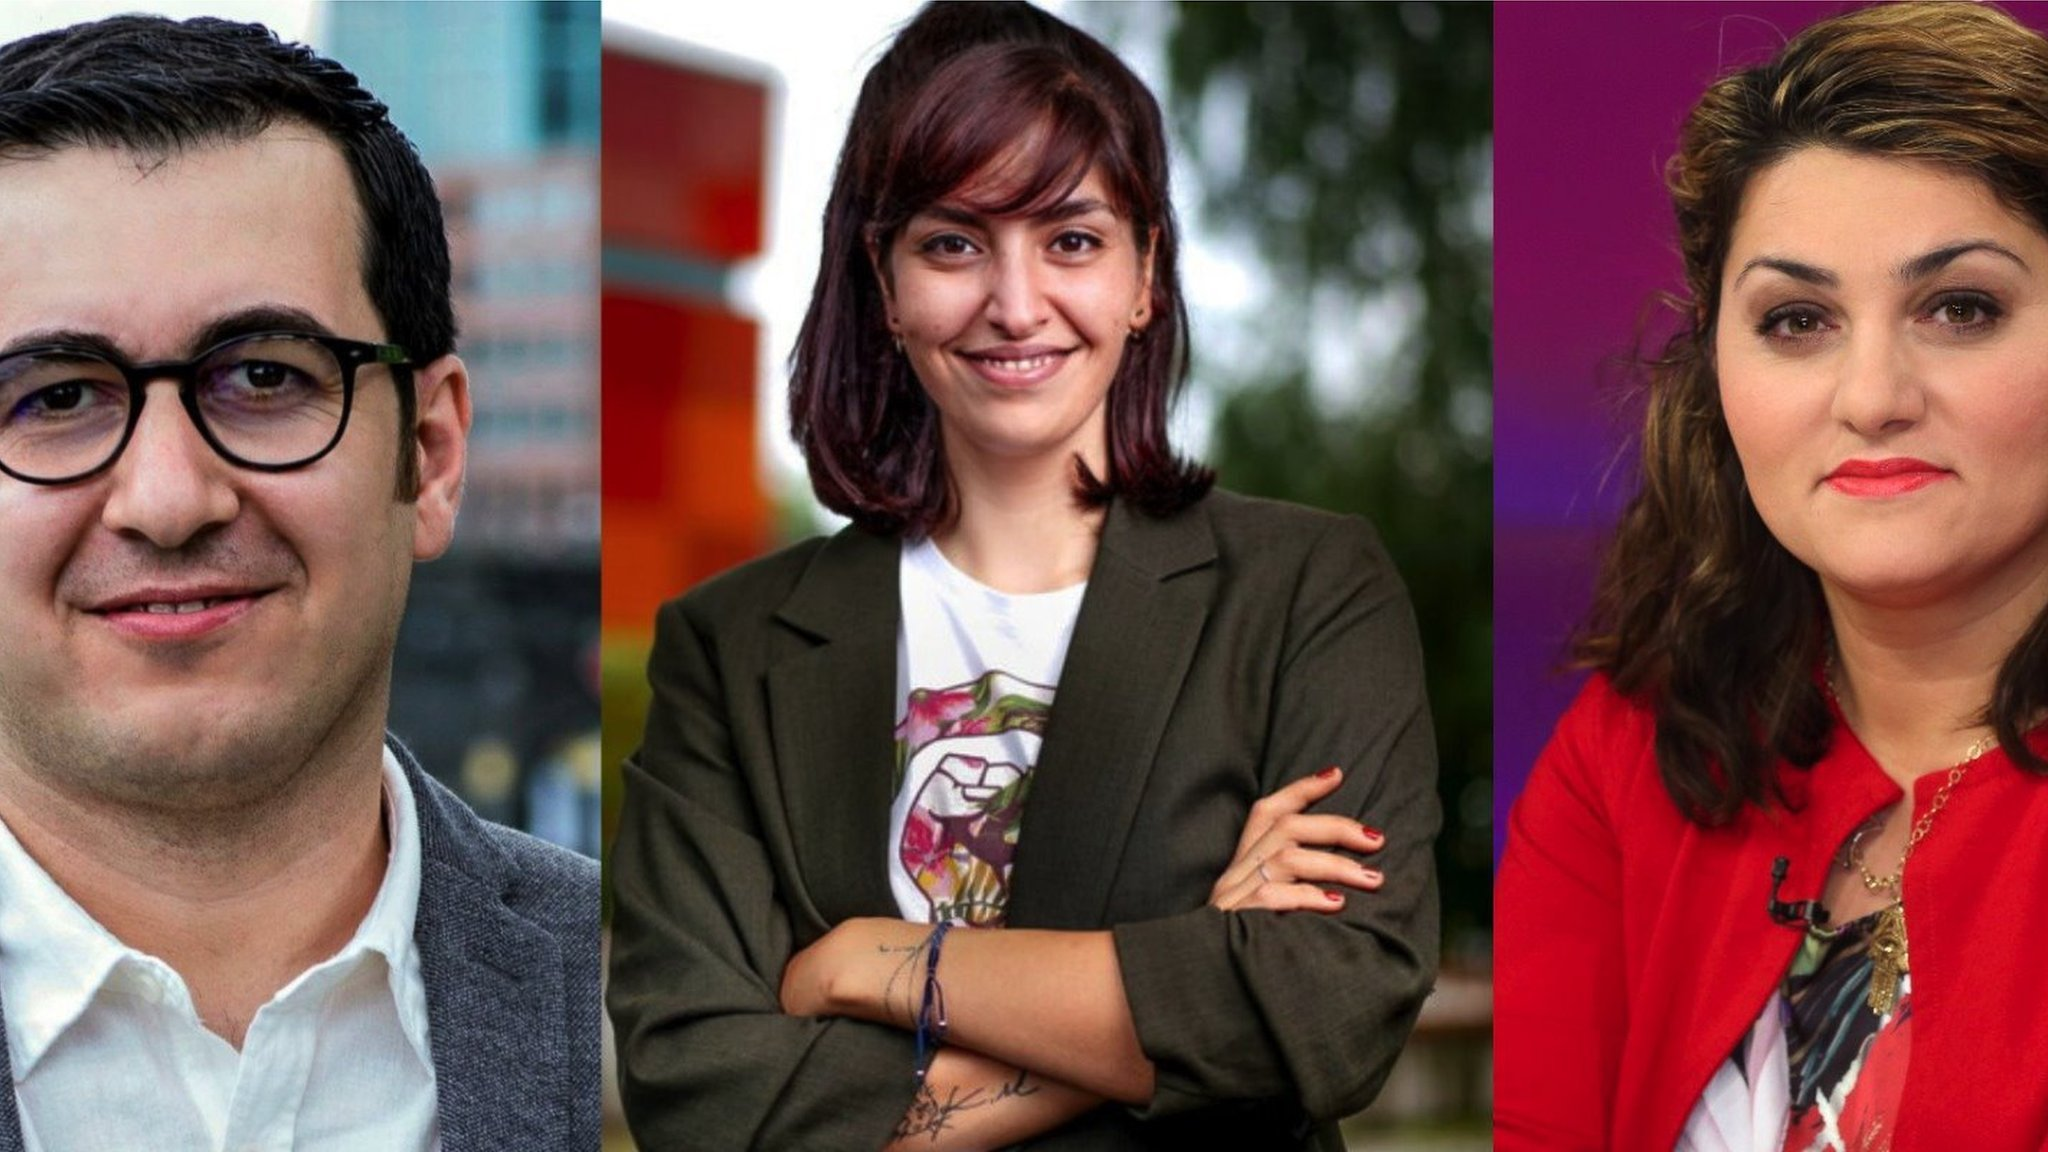 ثلاثة سوريين في البرلمان الألماني الجديد